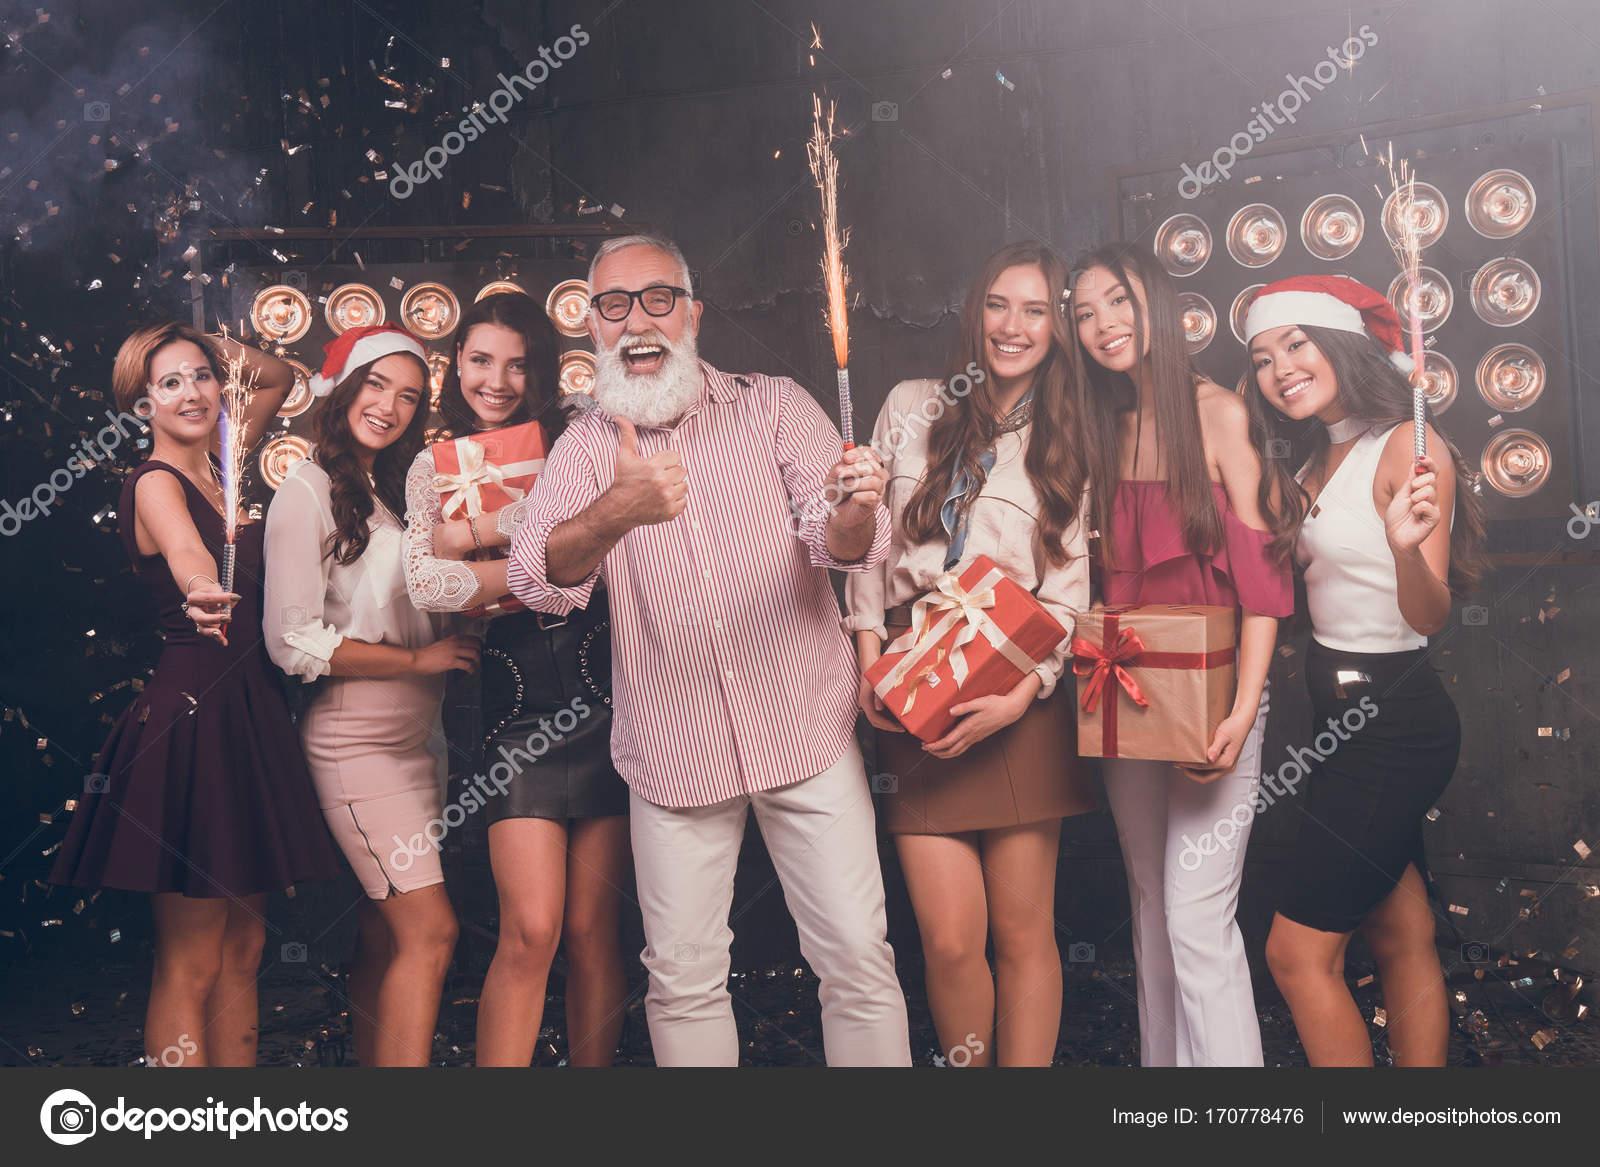 Santa geben Geschenke für Mädchen. Moderne bärtiger Mann zeigt \